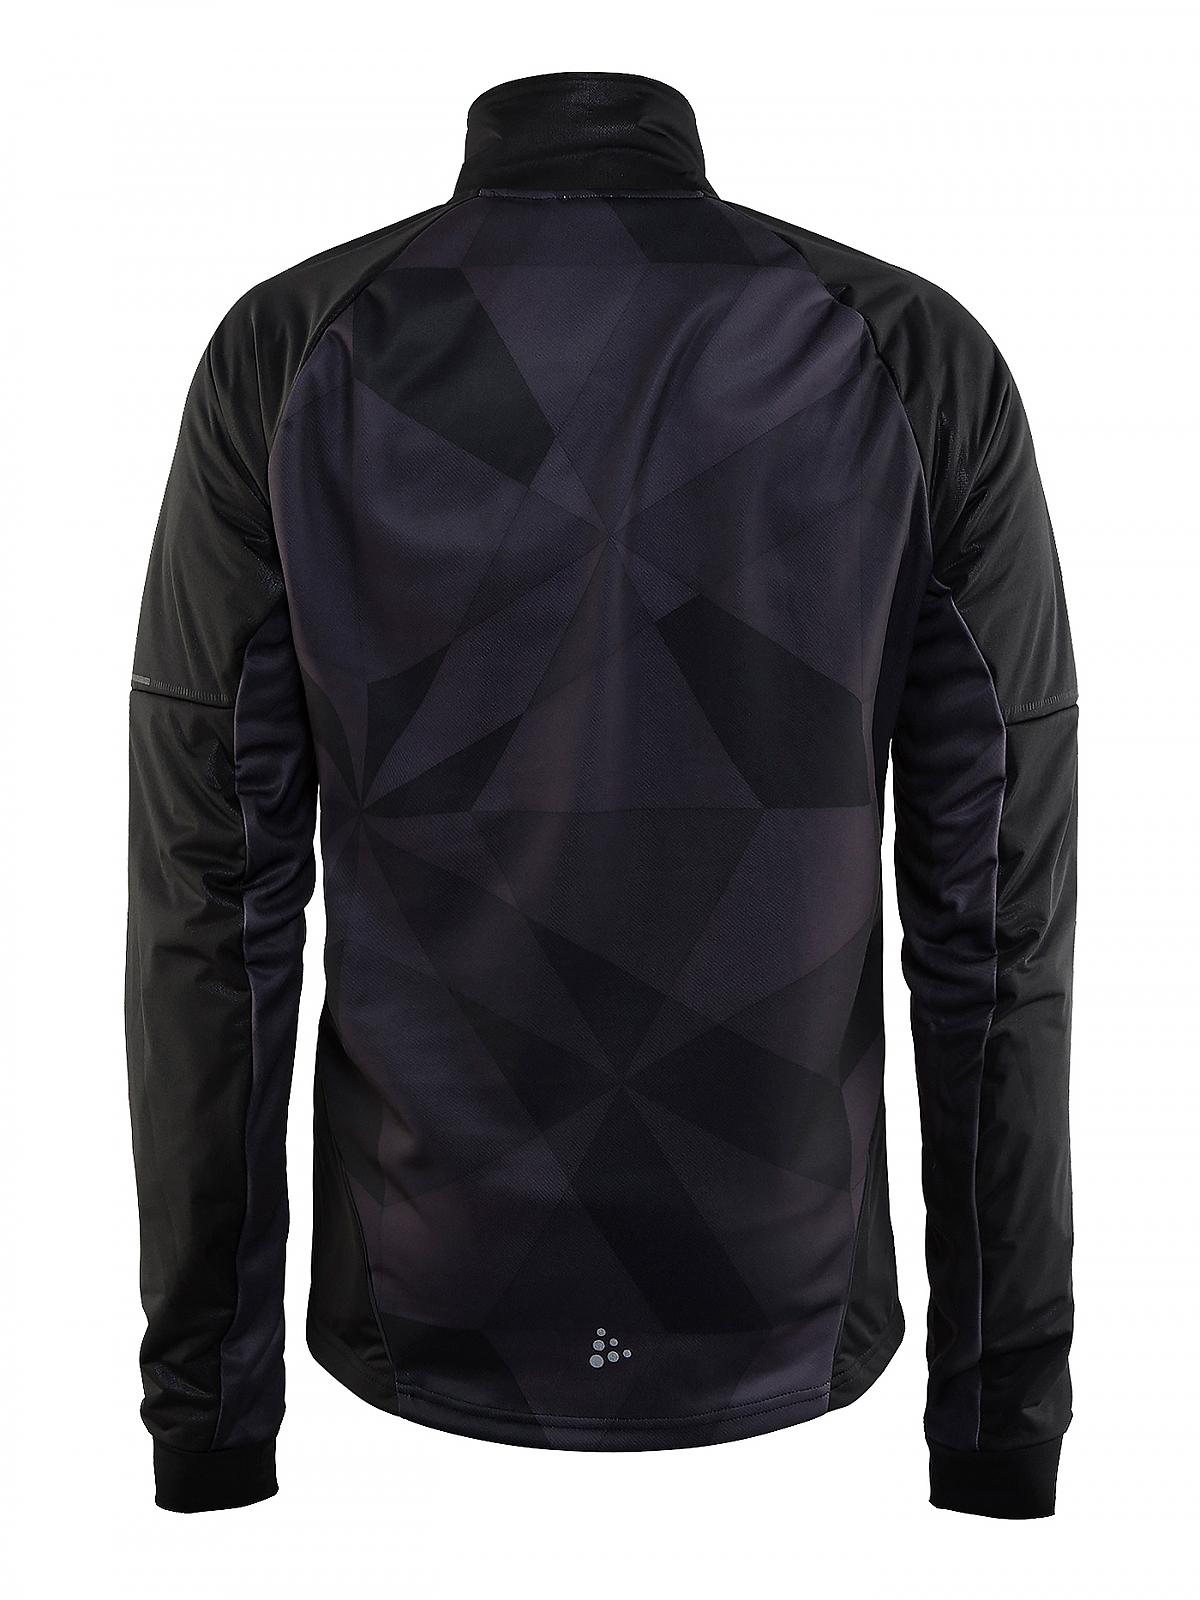 Мужская лыжная куртка Craft Storm 2.0 1904258-9091 черная